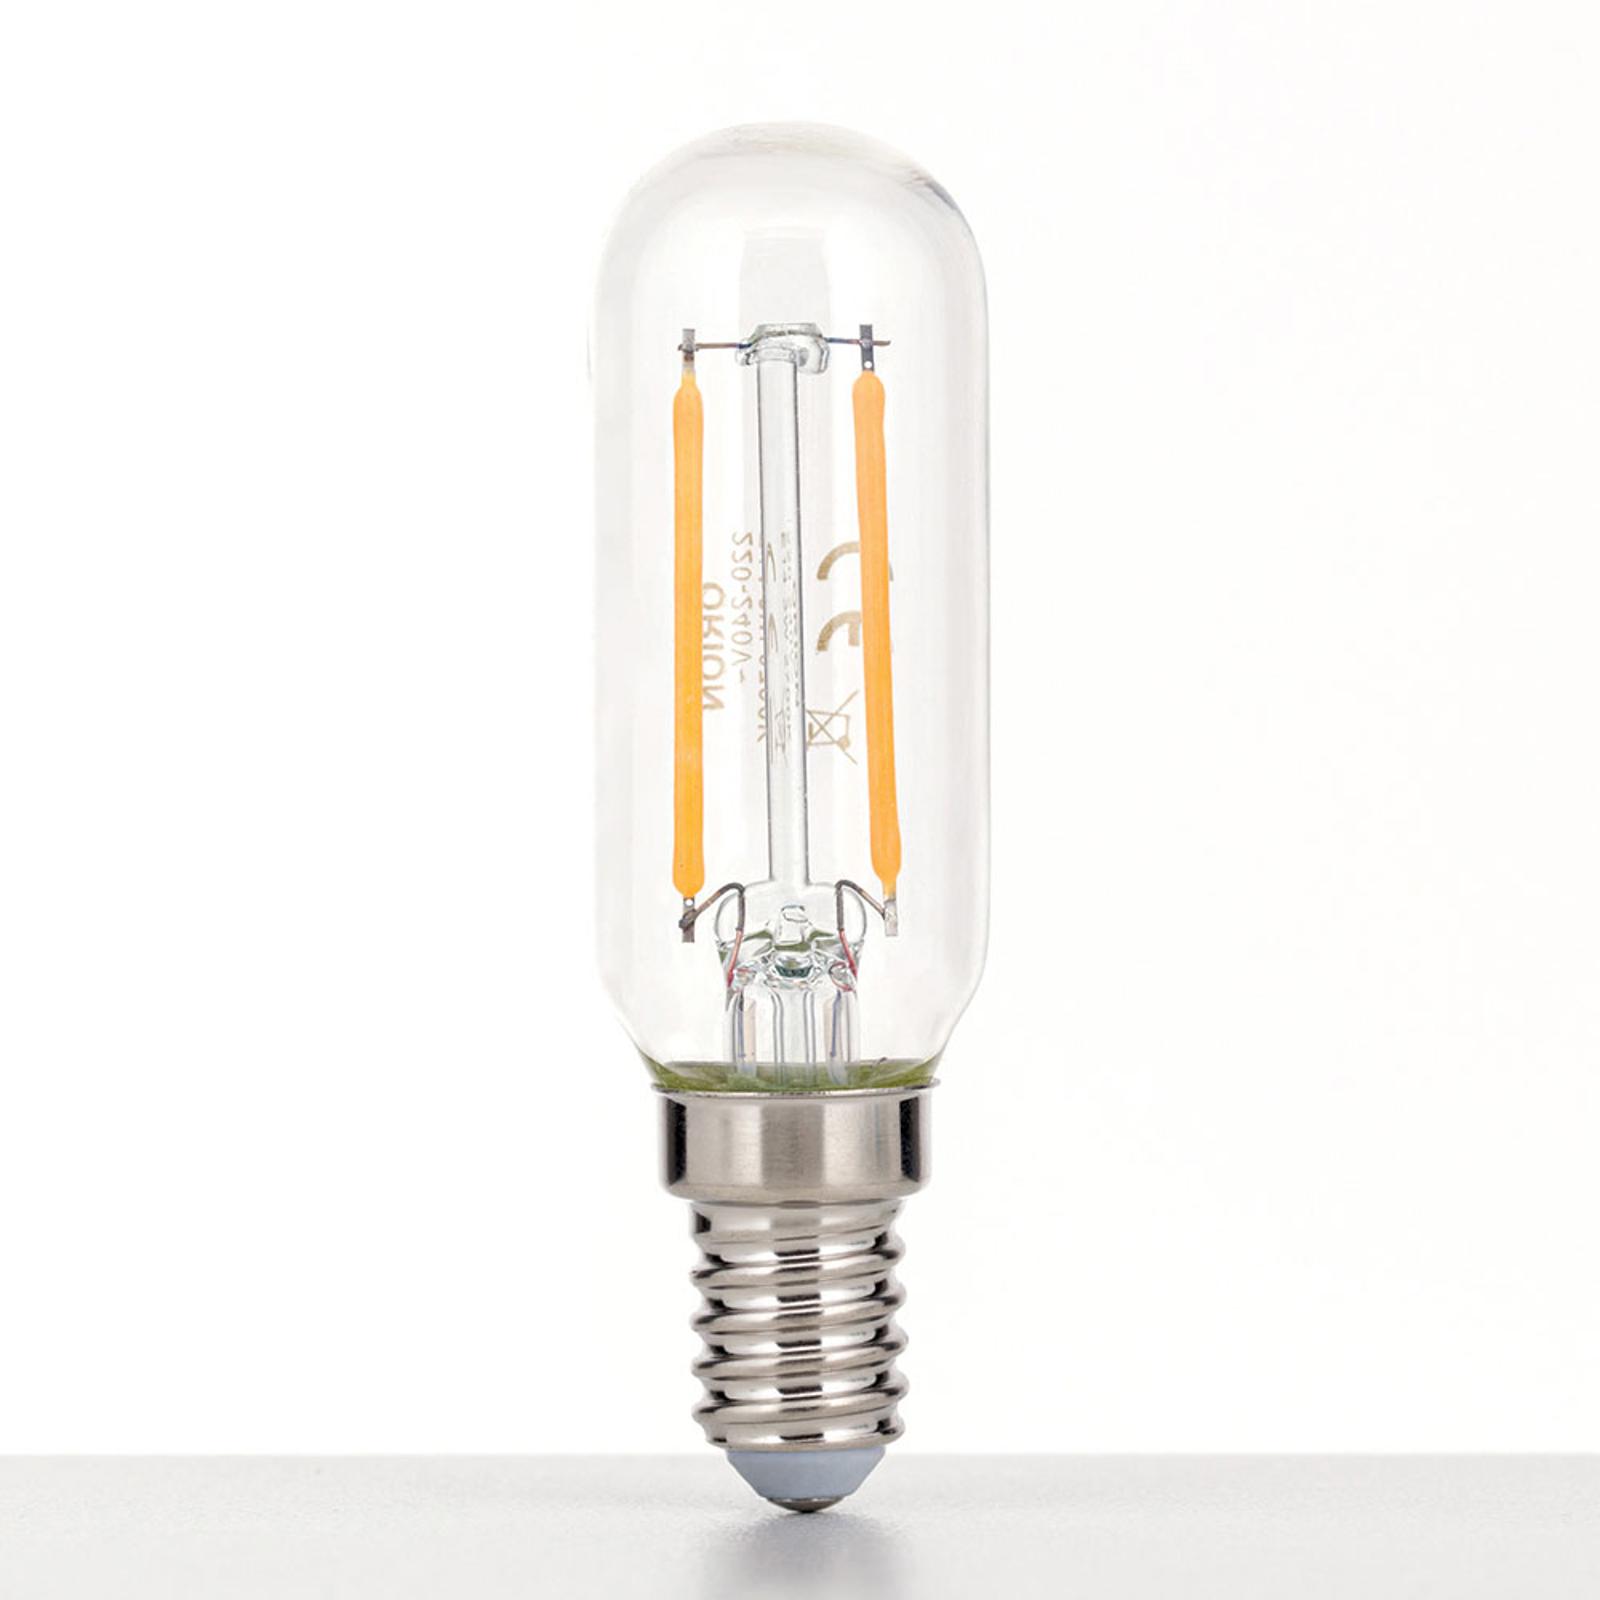 Żarówka LED E14 3W 2700K pręt, przezroczysta